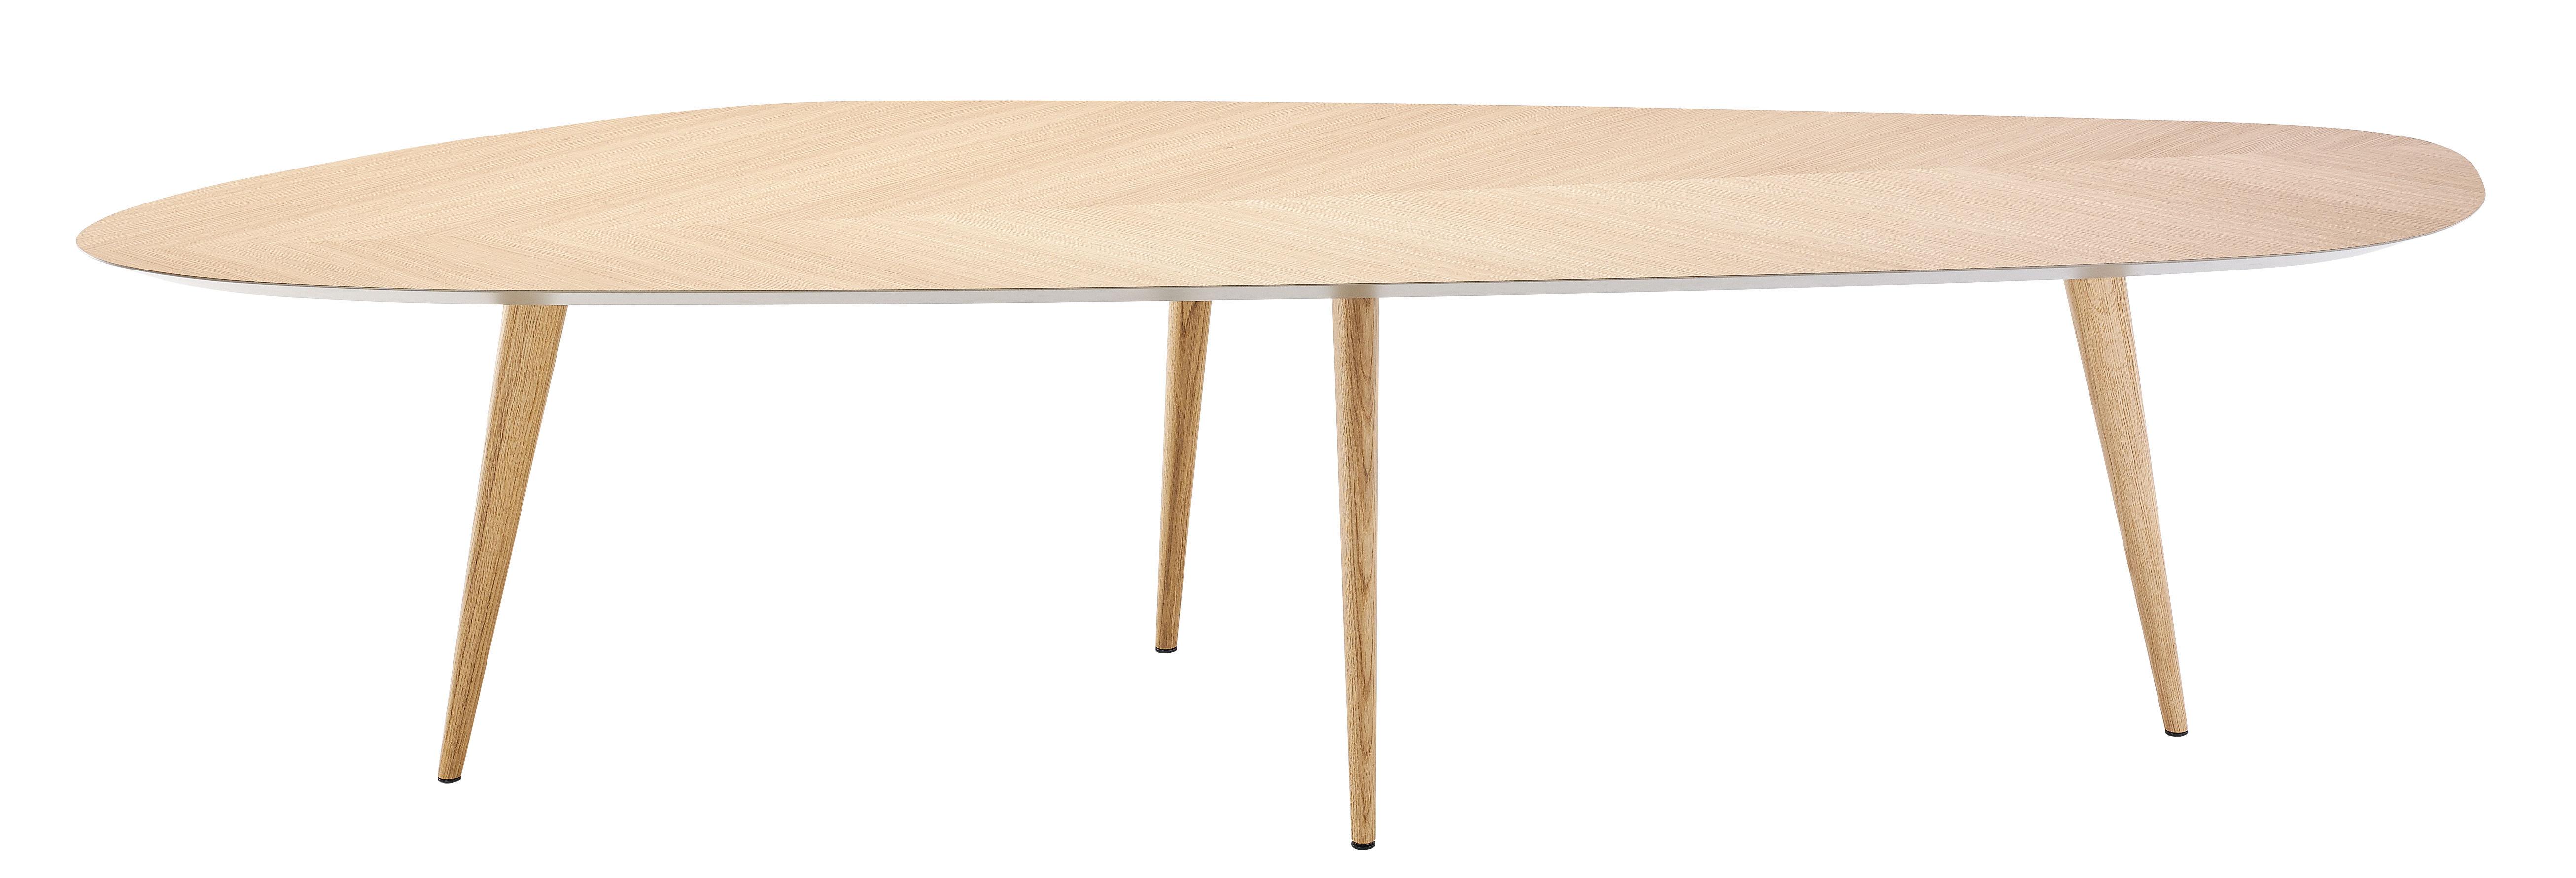 Arredamento - Tavoli - Tavolo ovale Tweed - / 300 x 100 cm - 10 persone di Zanotta - Rovere / Parte inferiore del top: grigio -   Bois plaqué chêne, Rovere massello